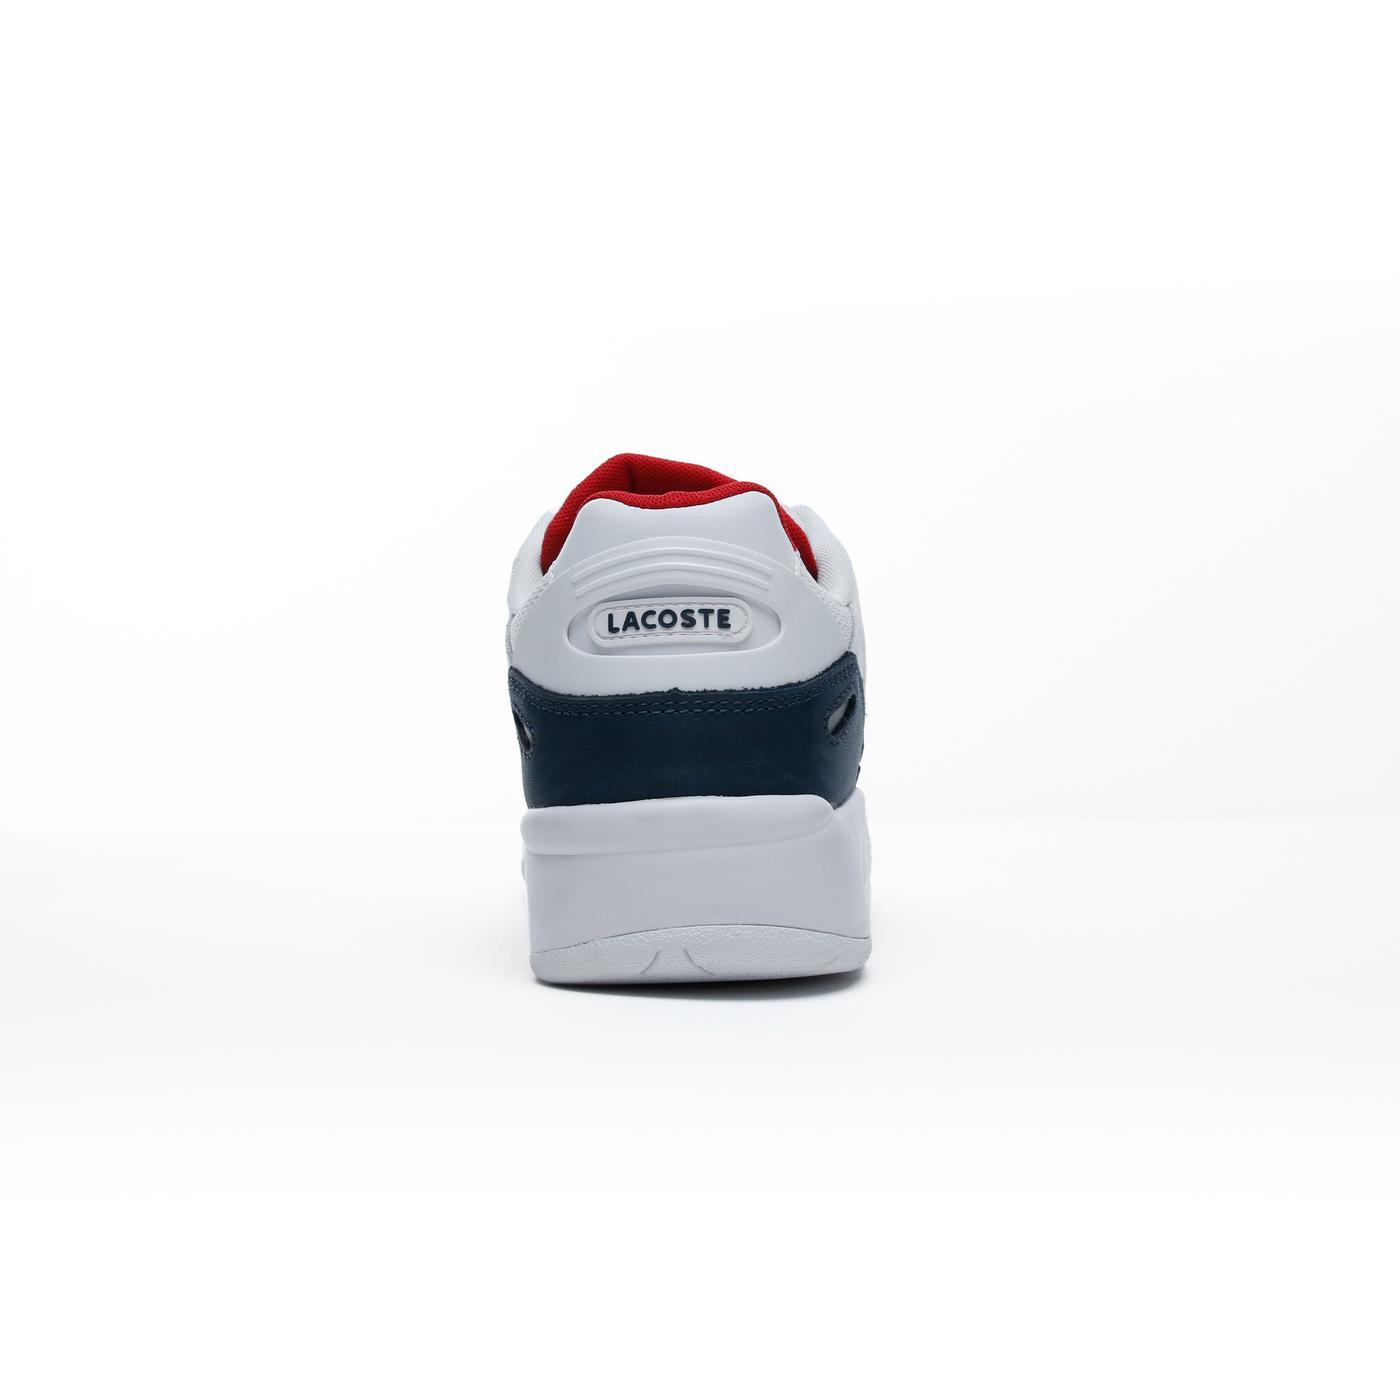 Lacoste Storm 96 Erkek Beyaz-Lacivert Spor Ayakkabı